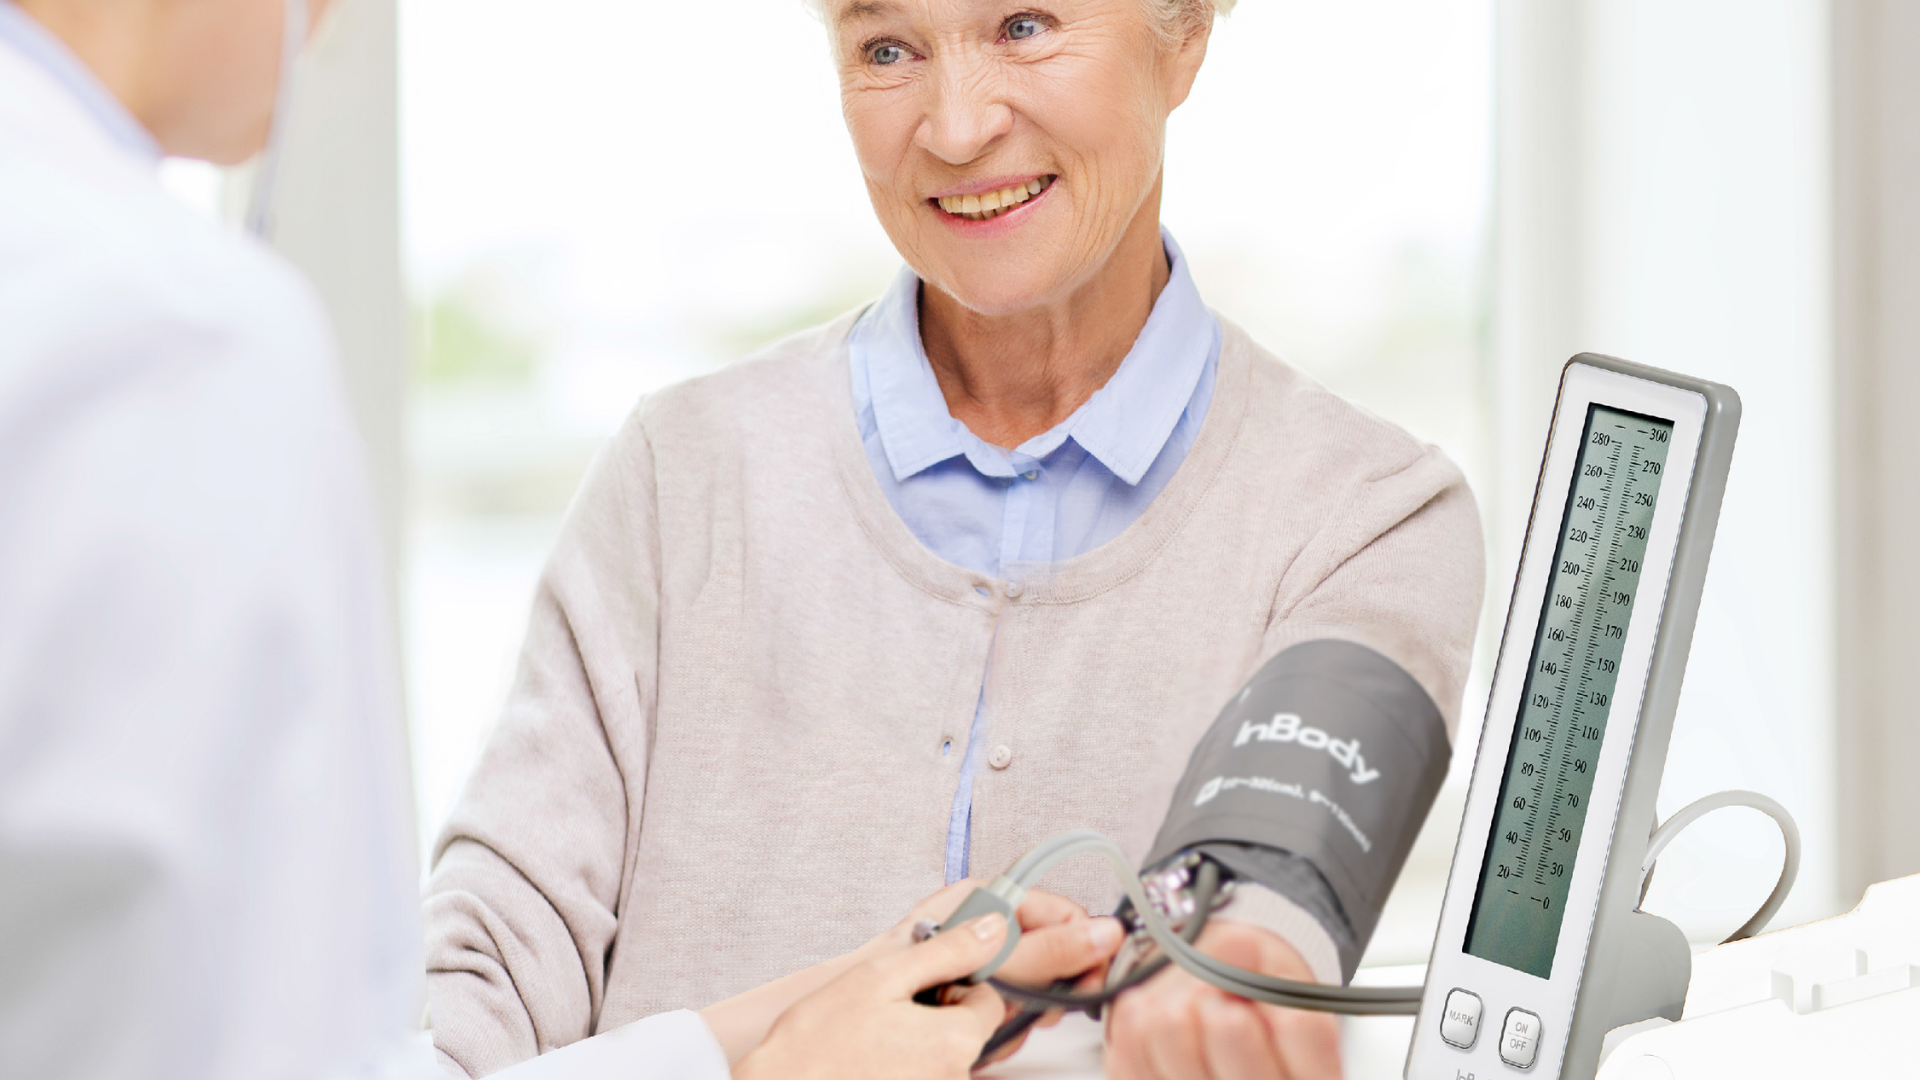 Dlaczego warto monitorować ciśnienie tętnicze krwi?